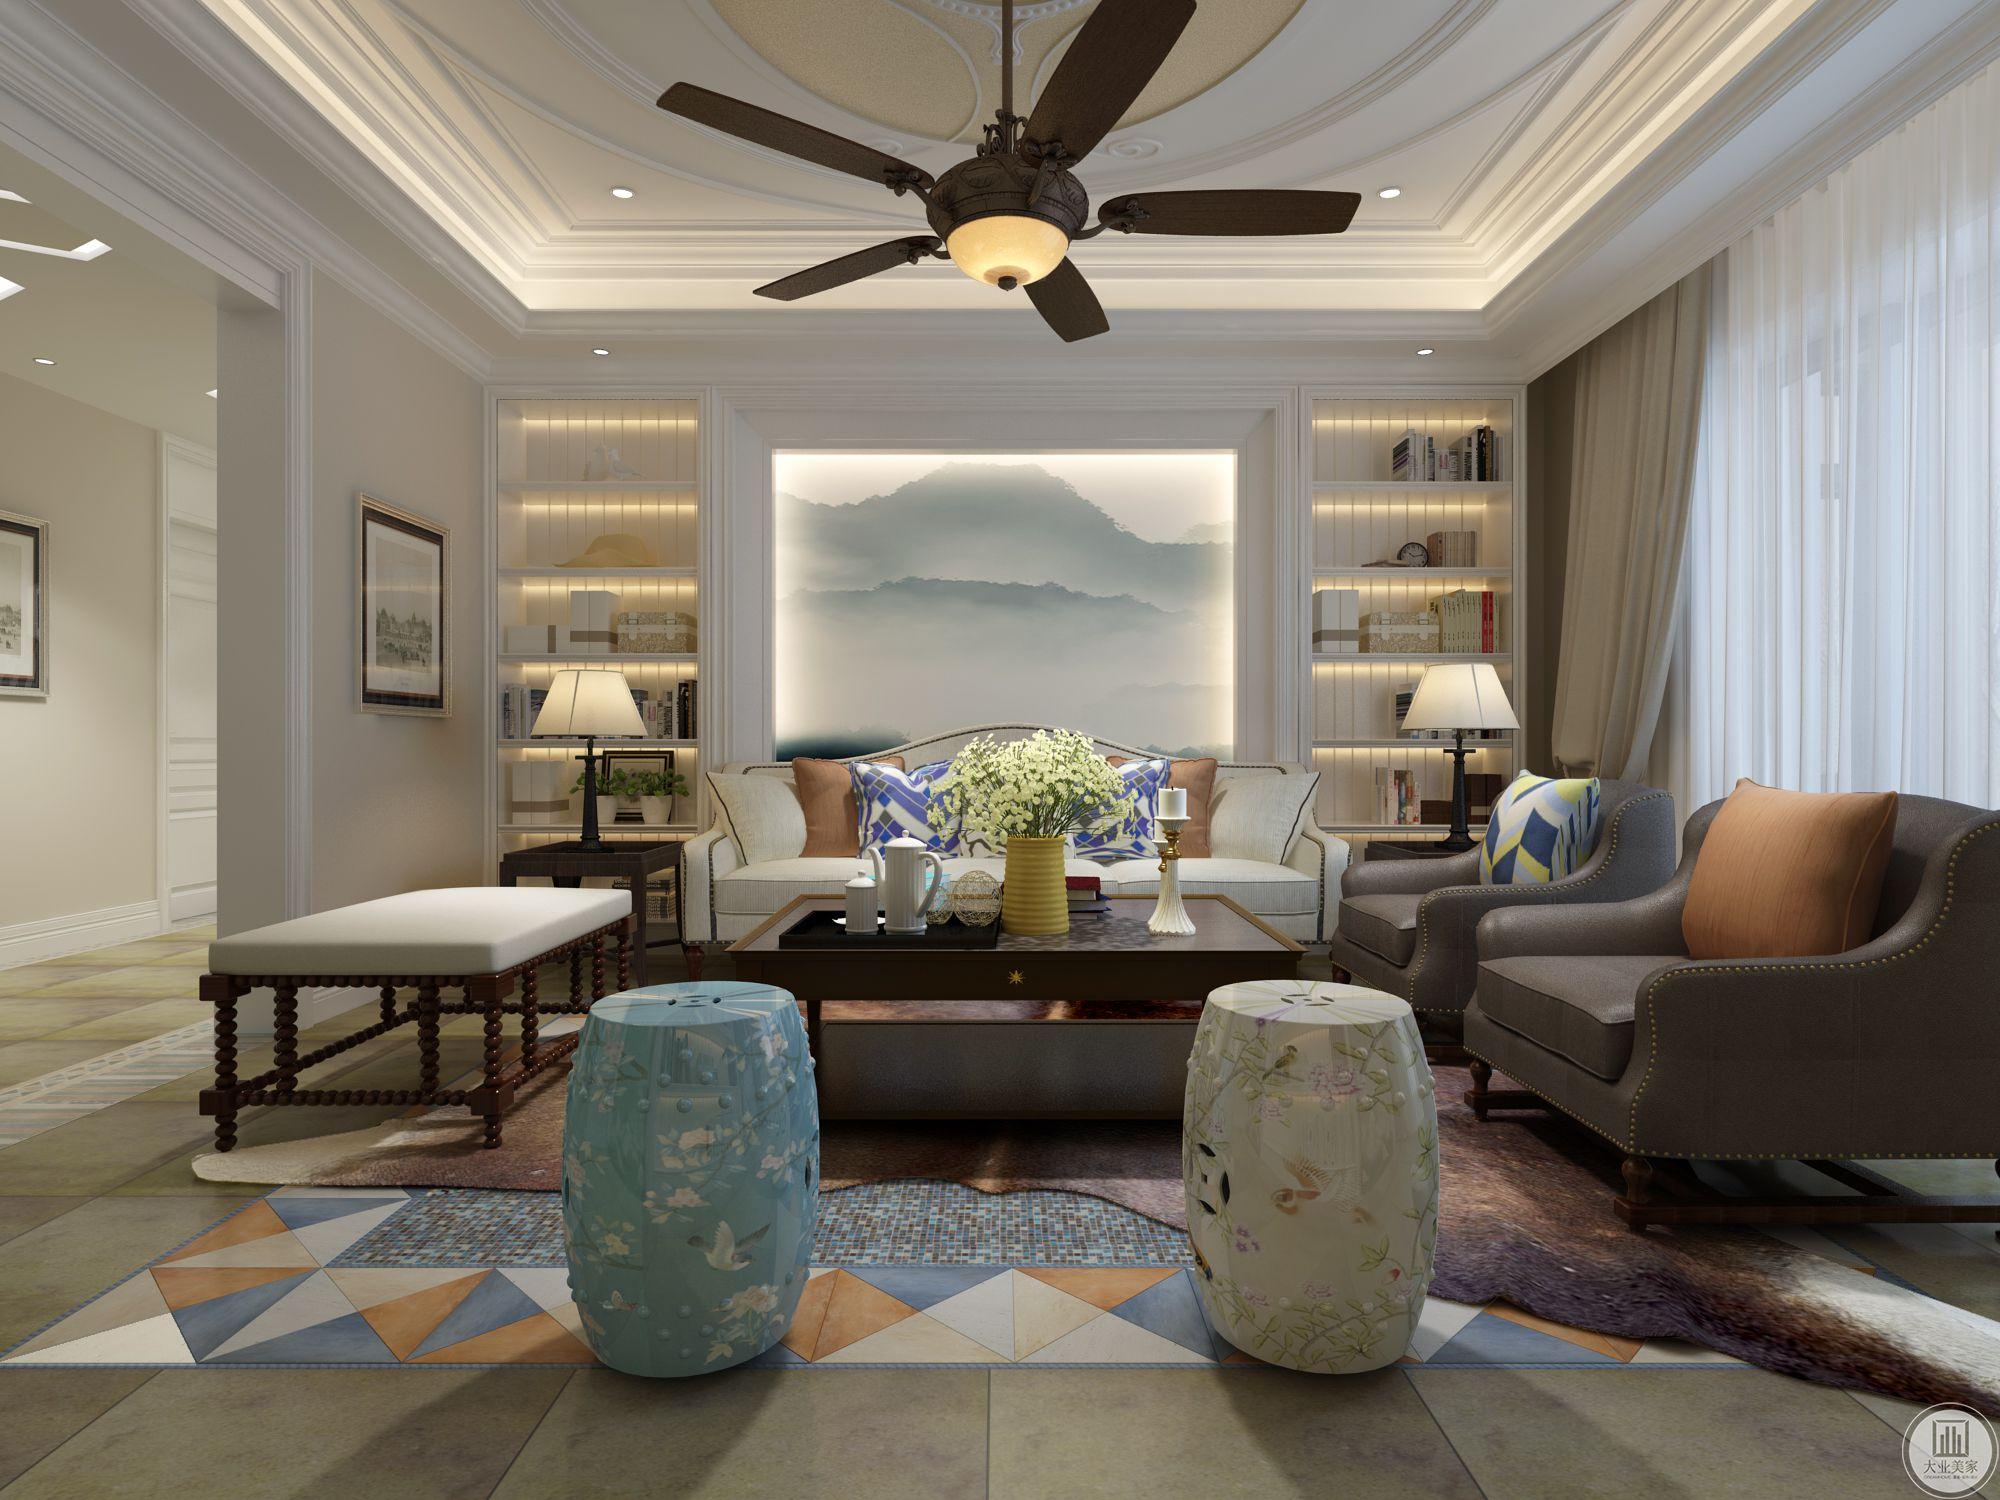 客厅基础色调为白色,在白色基础上添加了深木色的茶几和蓝色的凳子以使空间更加温暖,显示出北欧色彩。